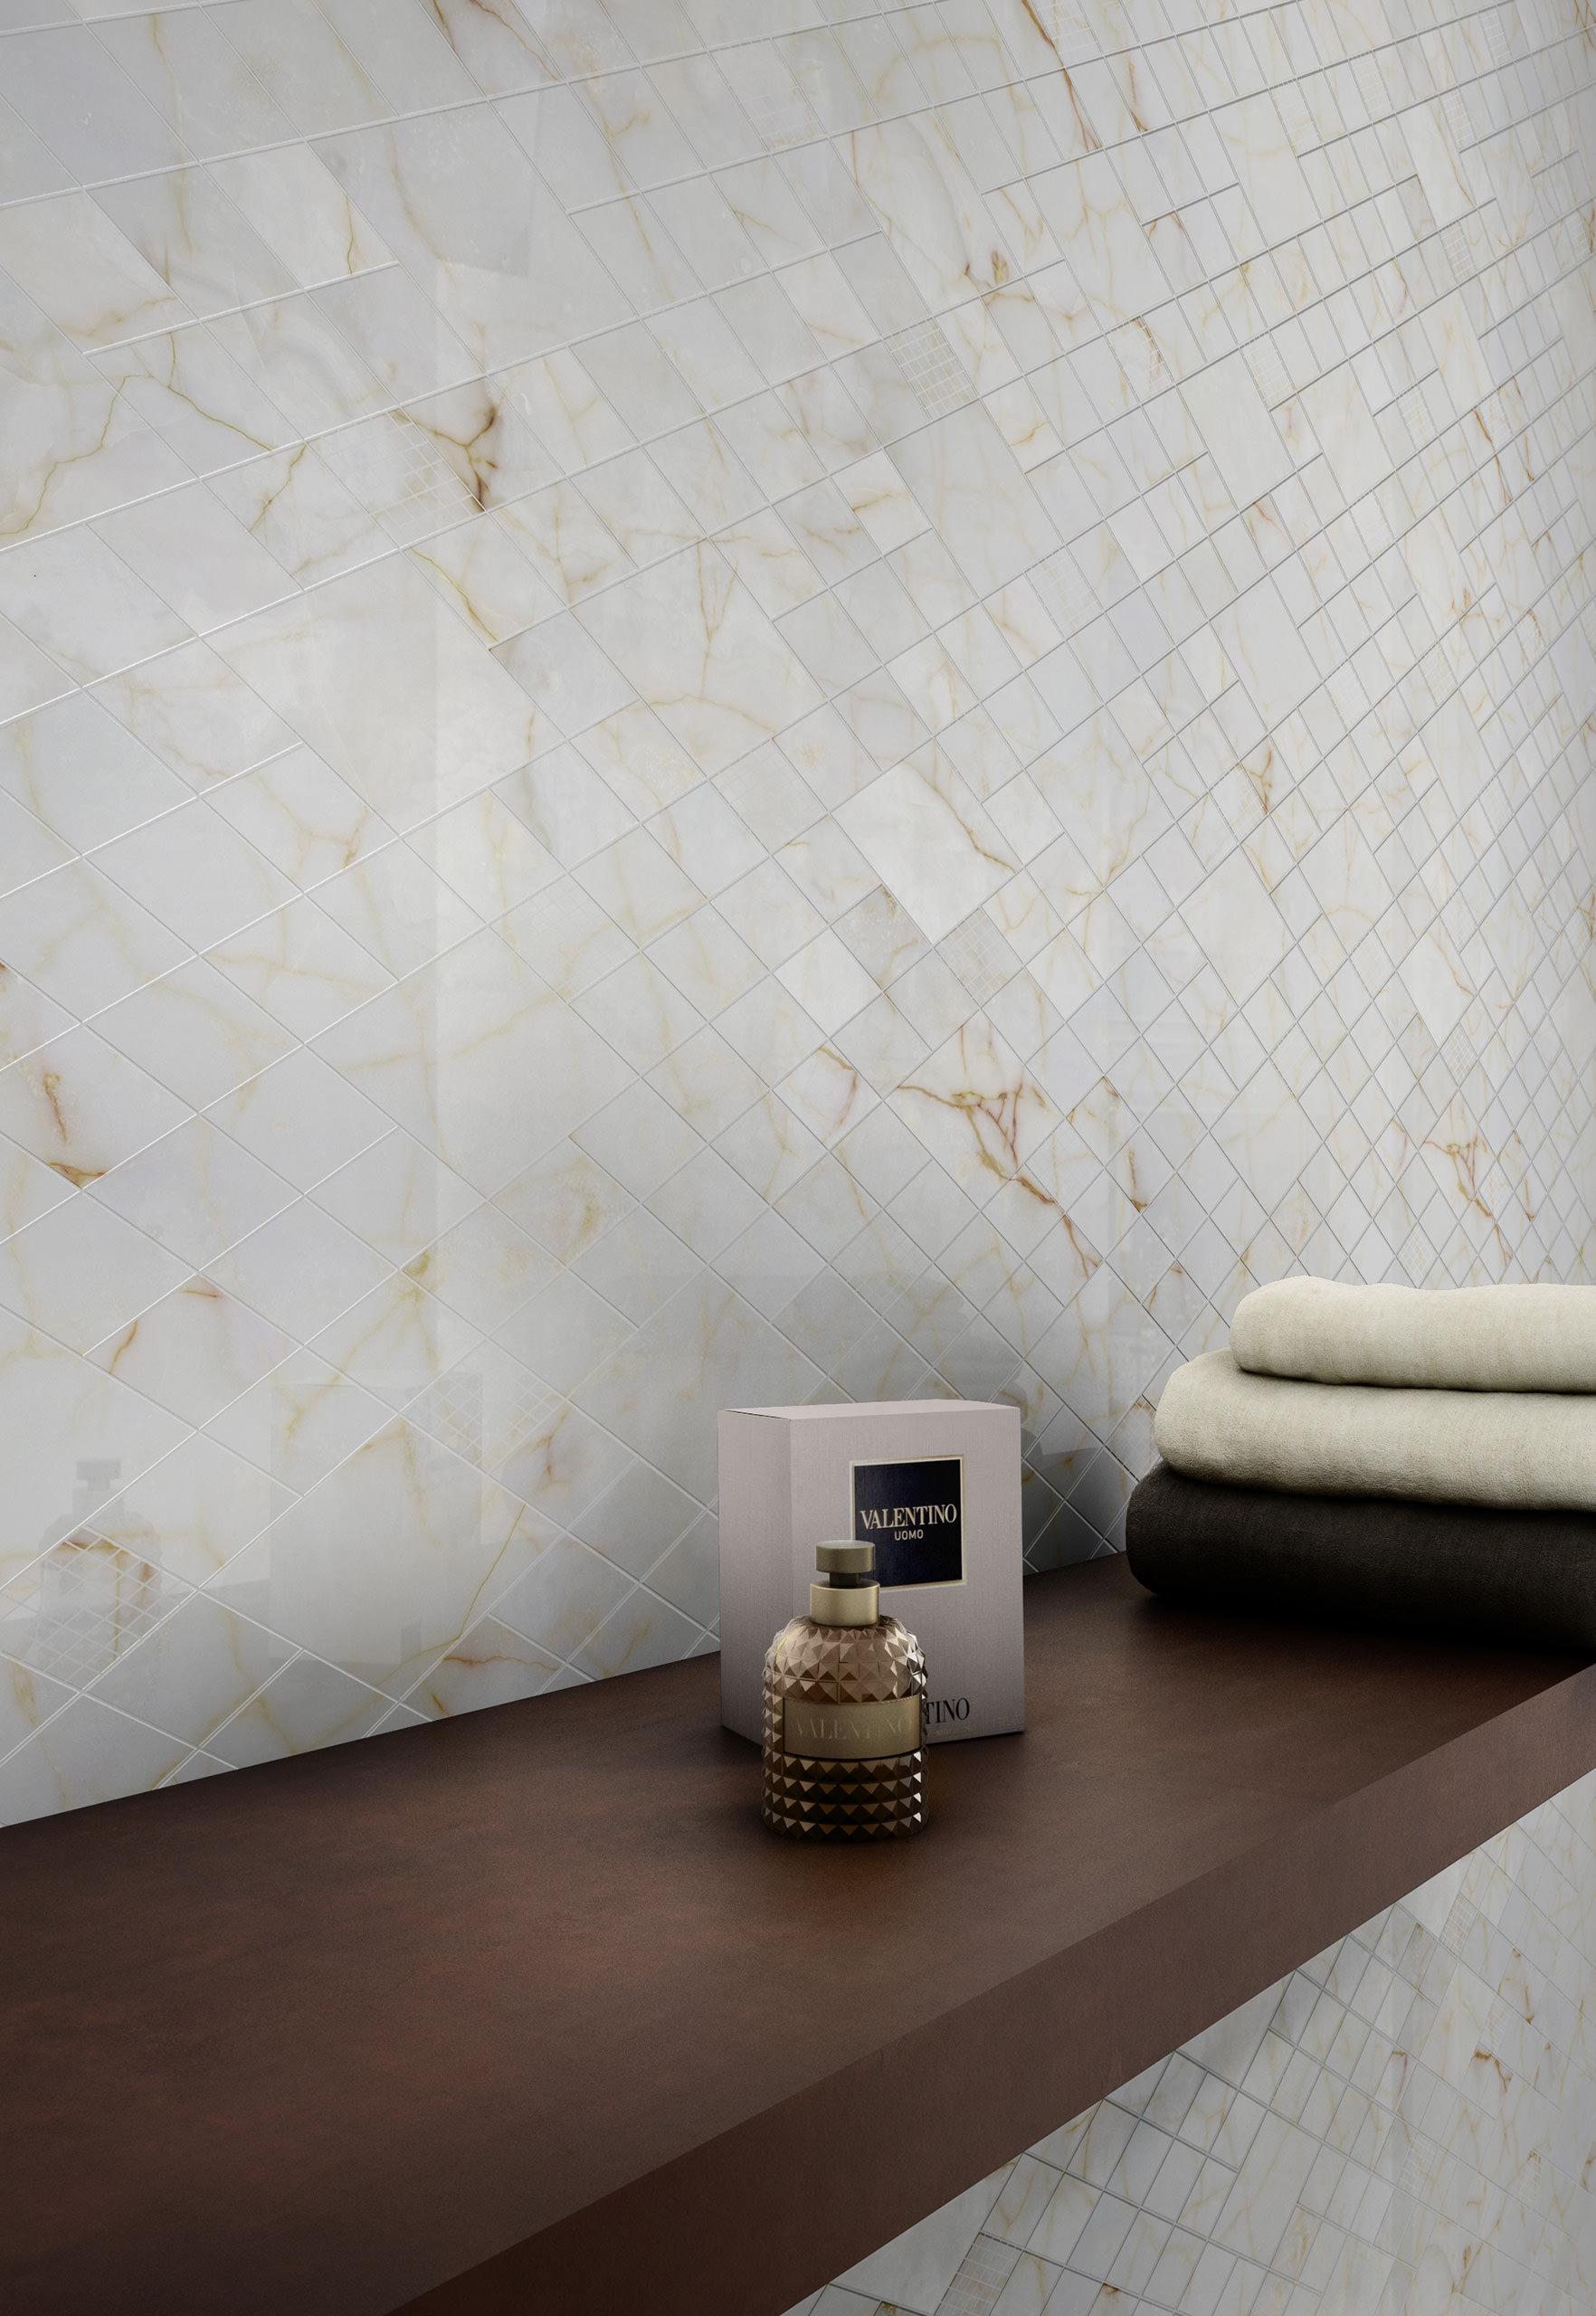 Rendering interno con ceramica Valentino in dettaglio parete e profumo